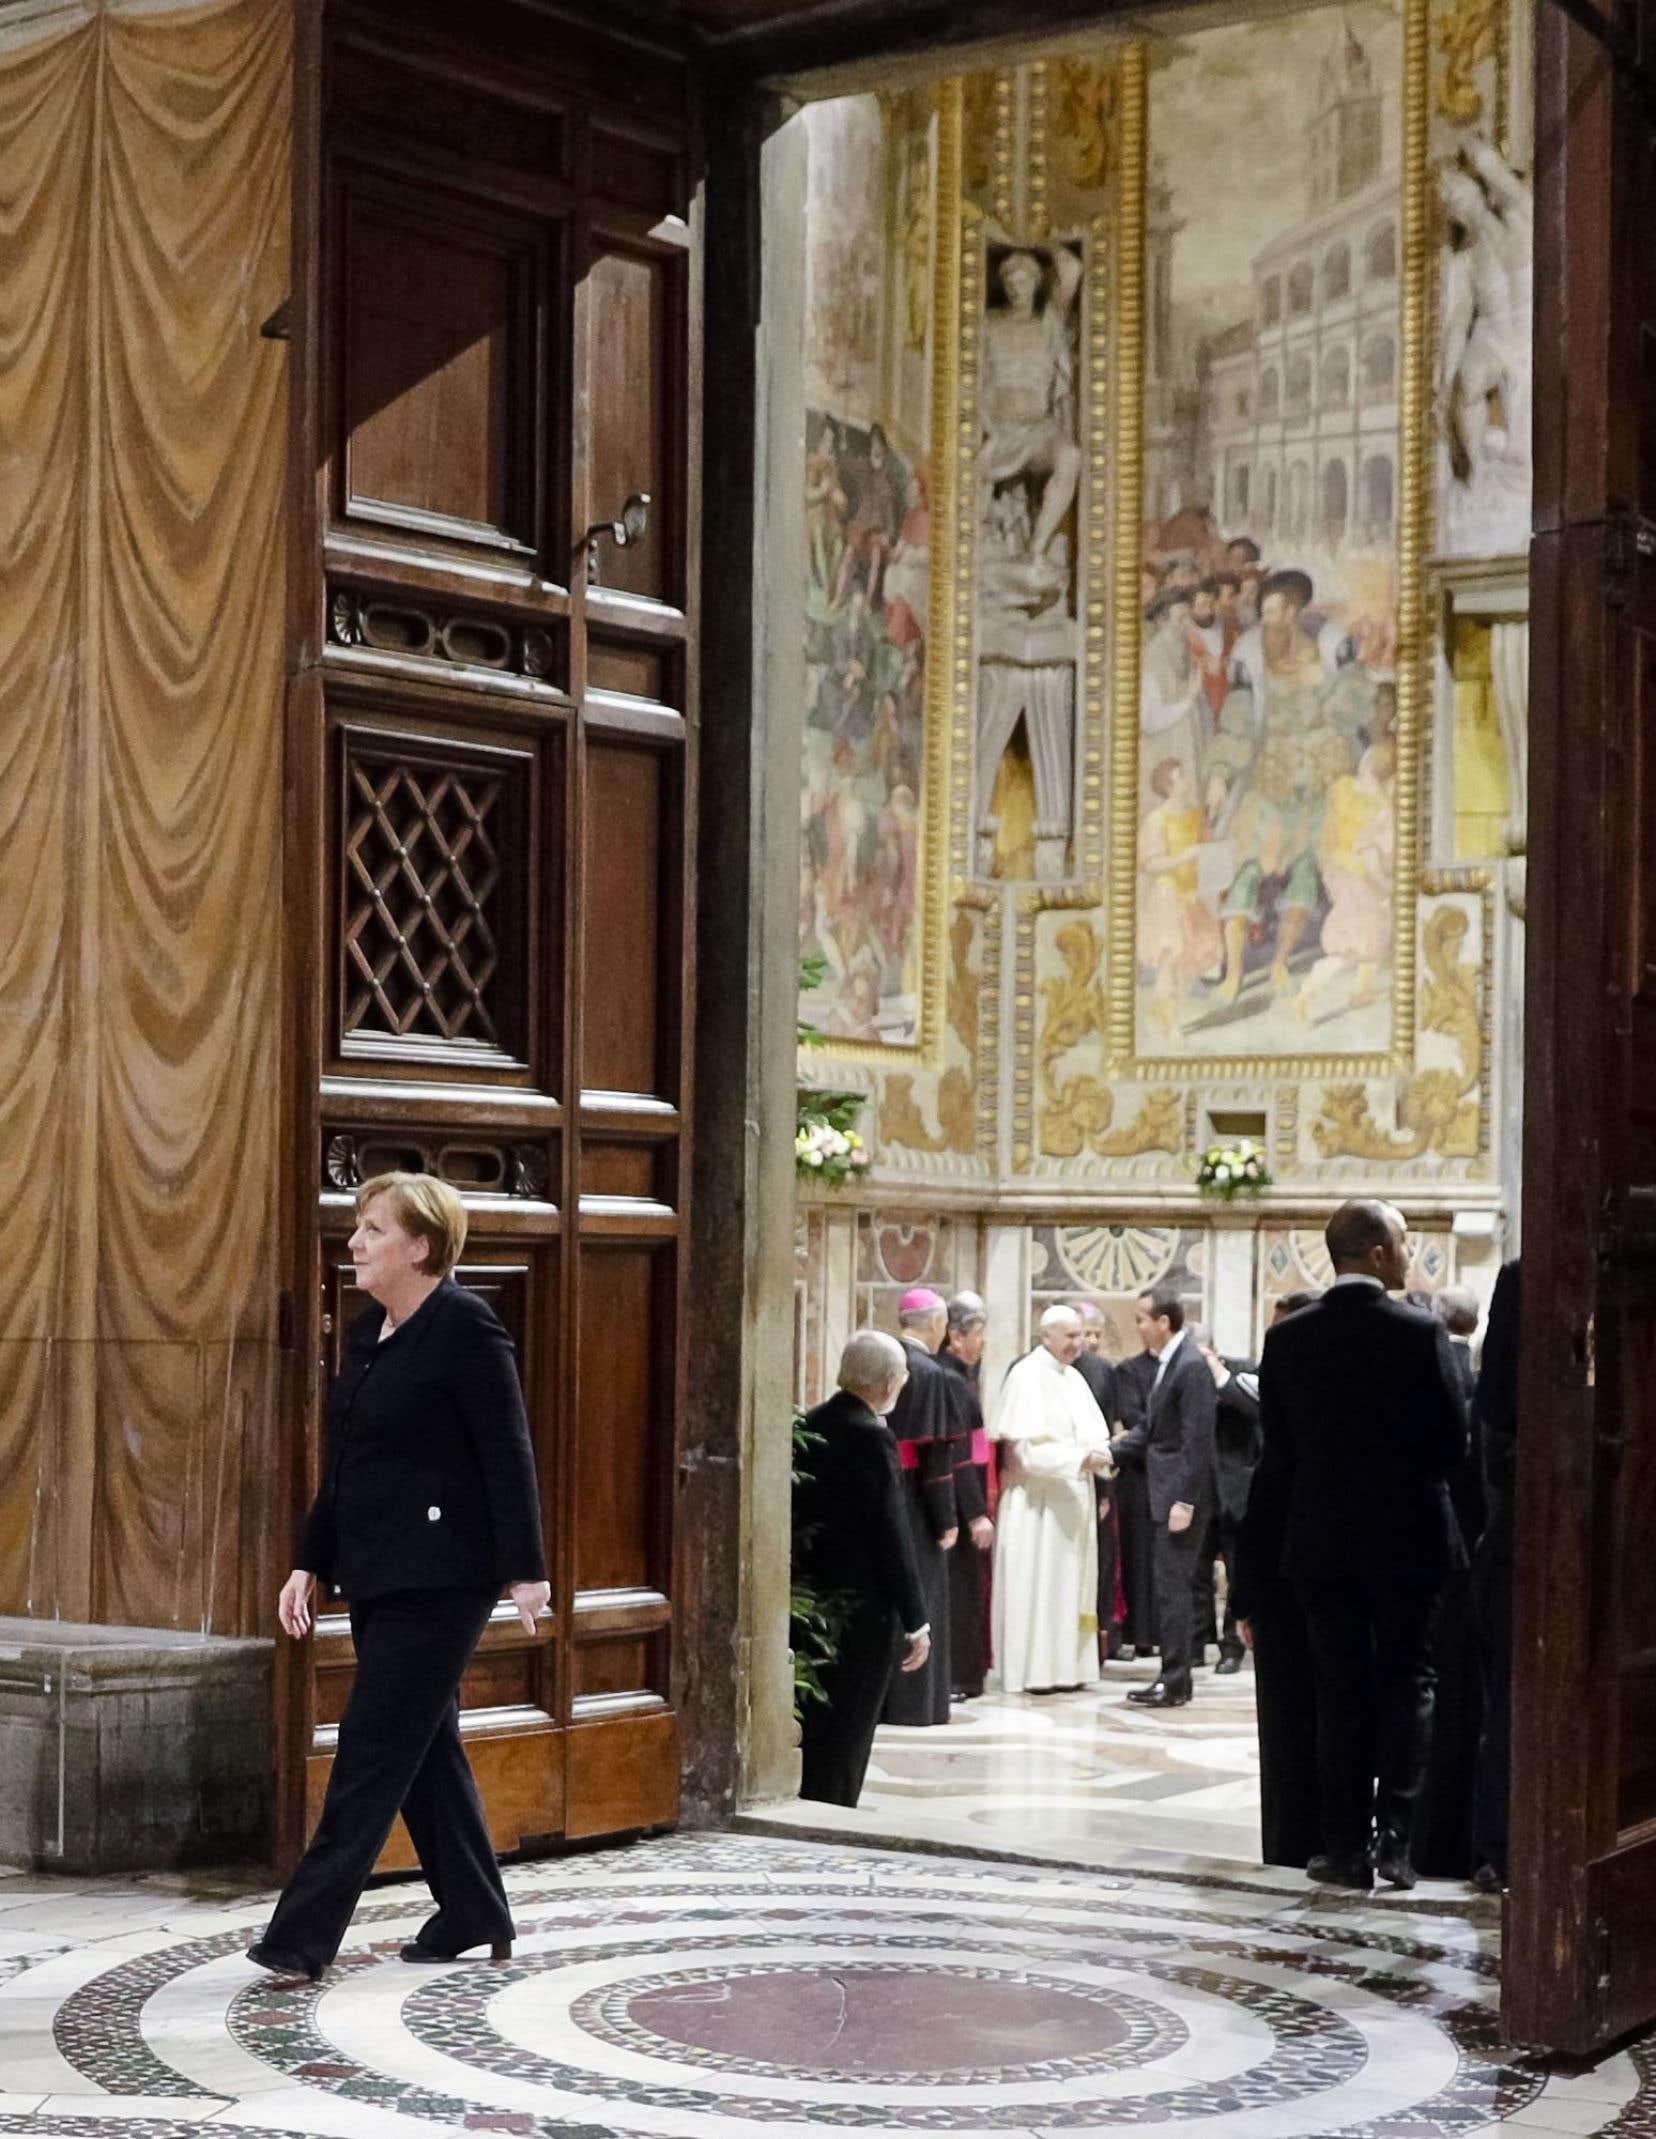 Les 27 chefs d'État de l'Union européenne (dont la chancelière allemande, Angela Merkel) ont rencontré le pape au Vatican à la veille de la rencontre soulignant le 60e anniversaire du Traité de Rome.